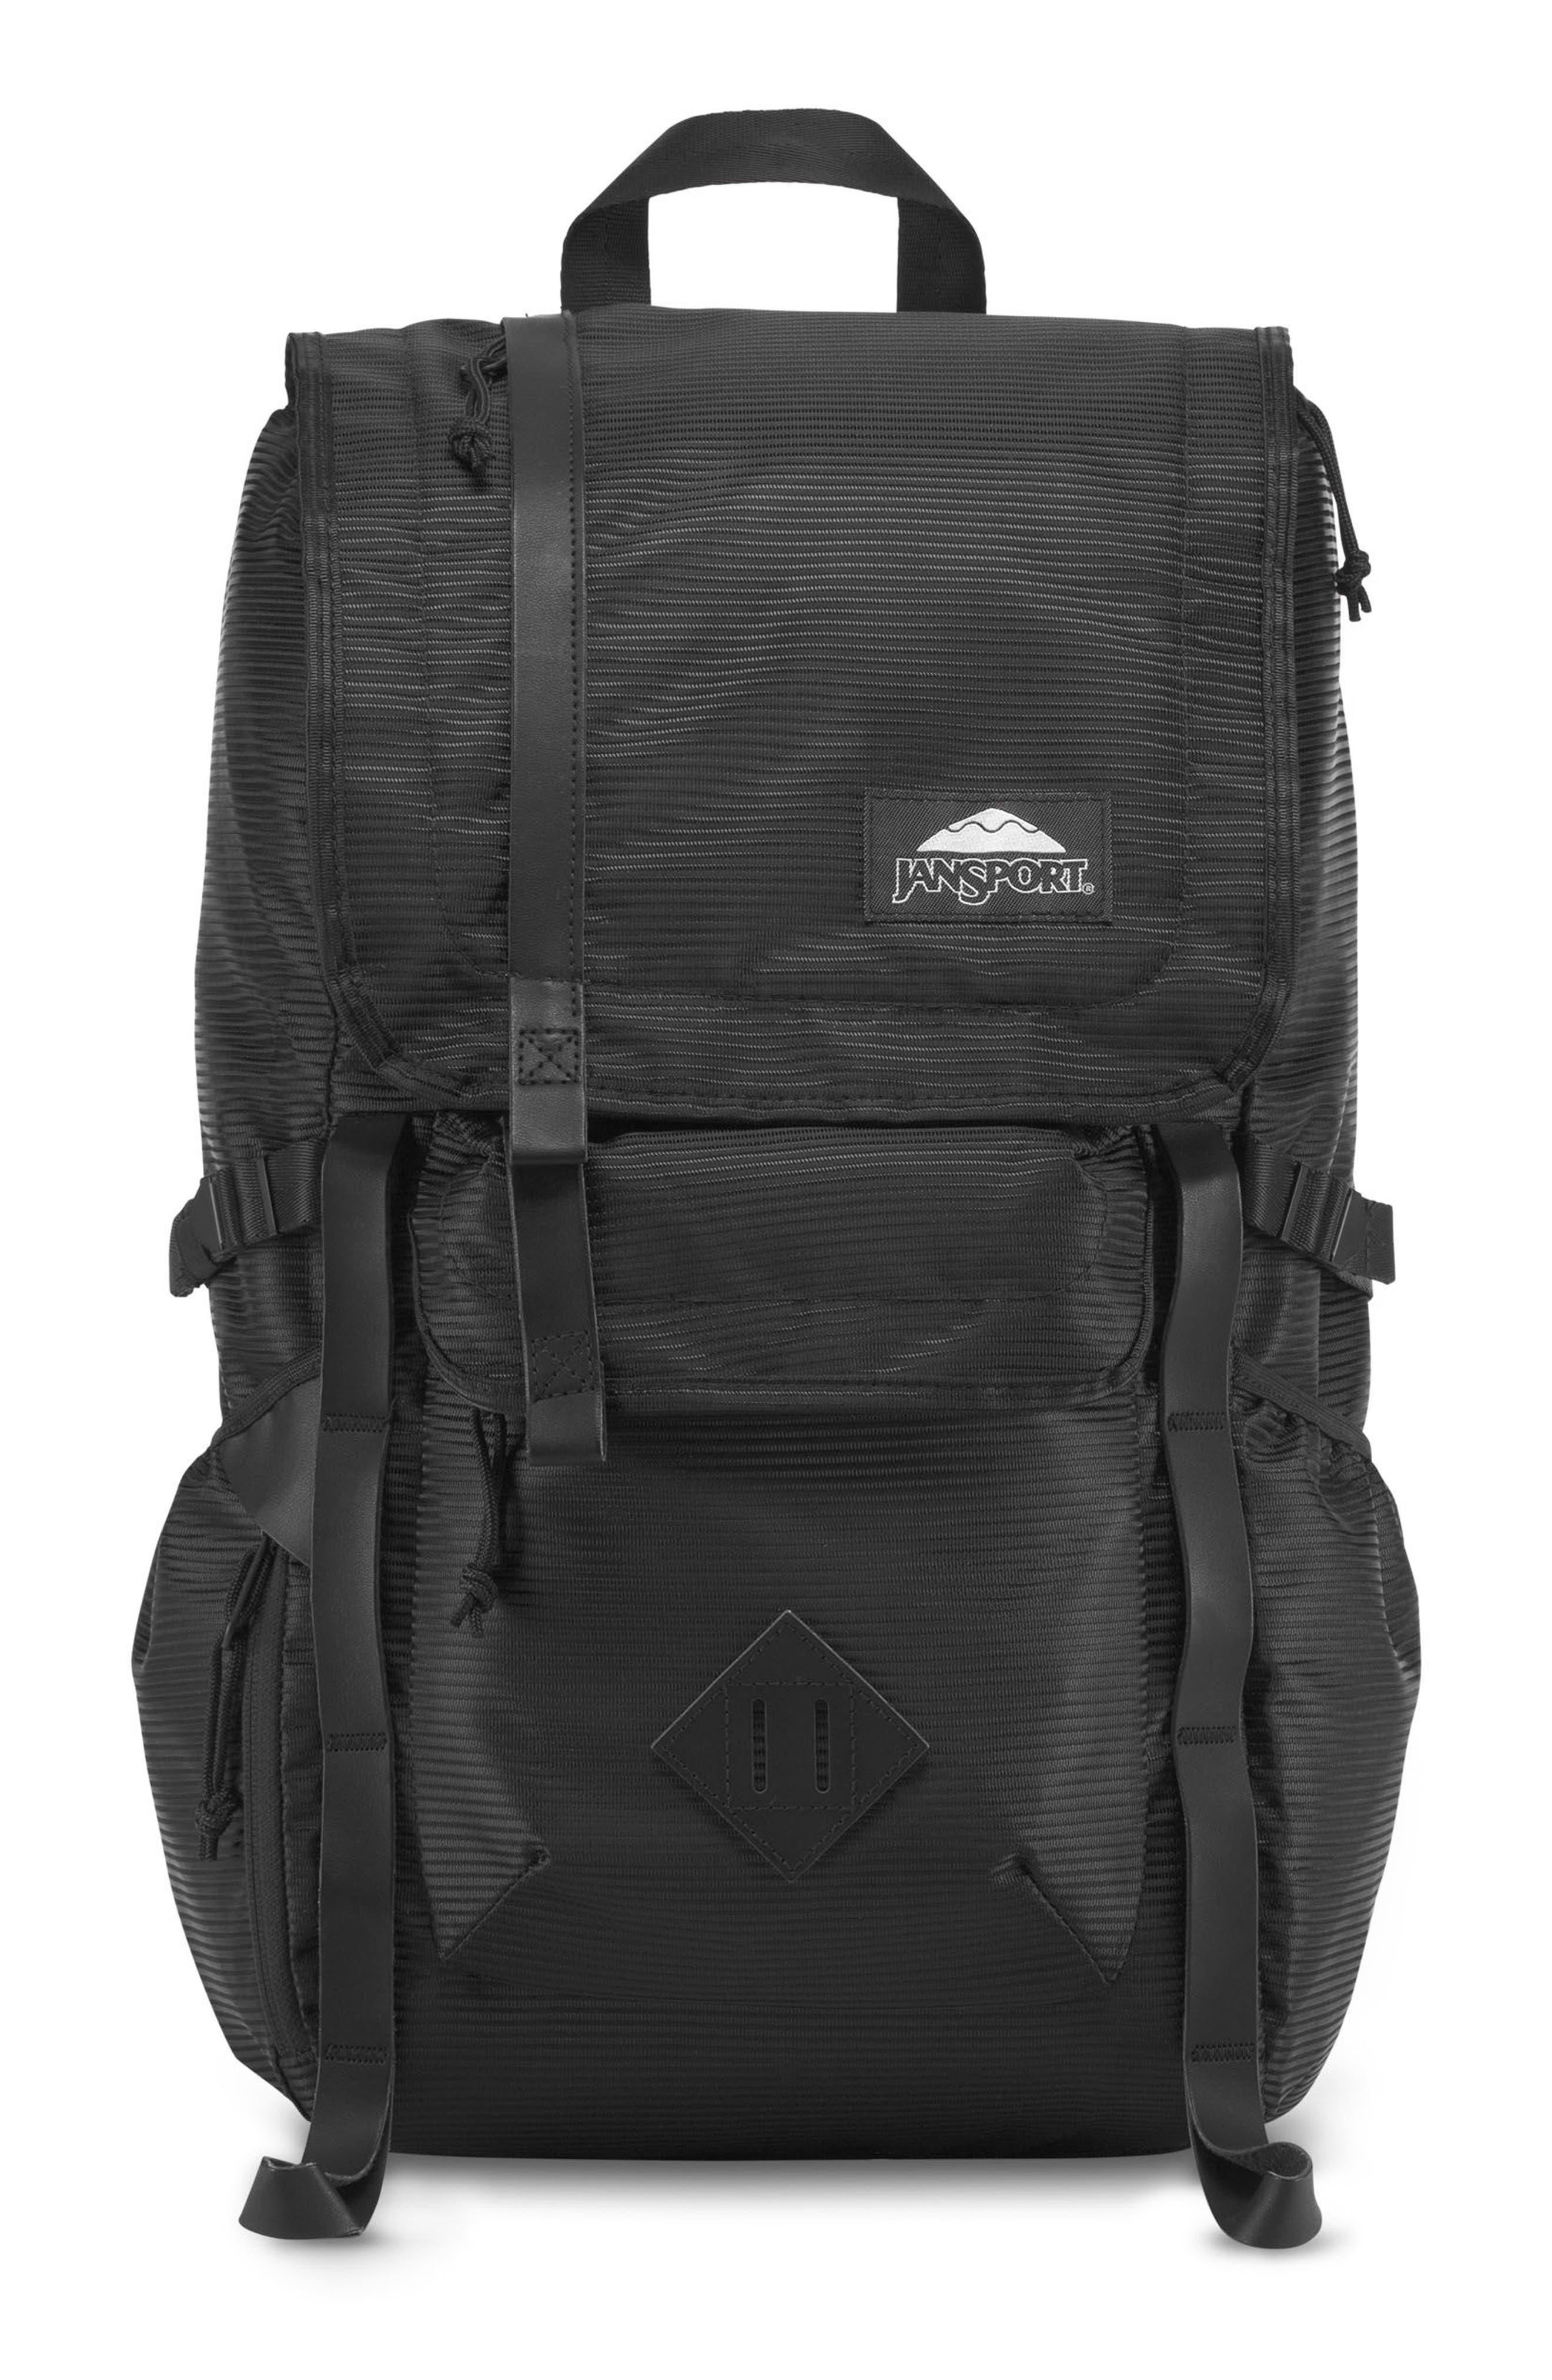 Hatchet DL Backpack,                         Main,                         color, 001